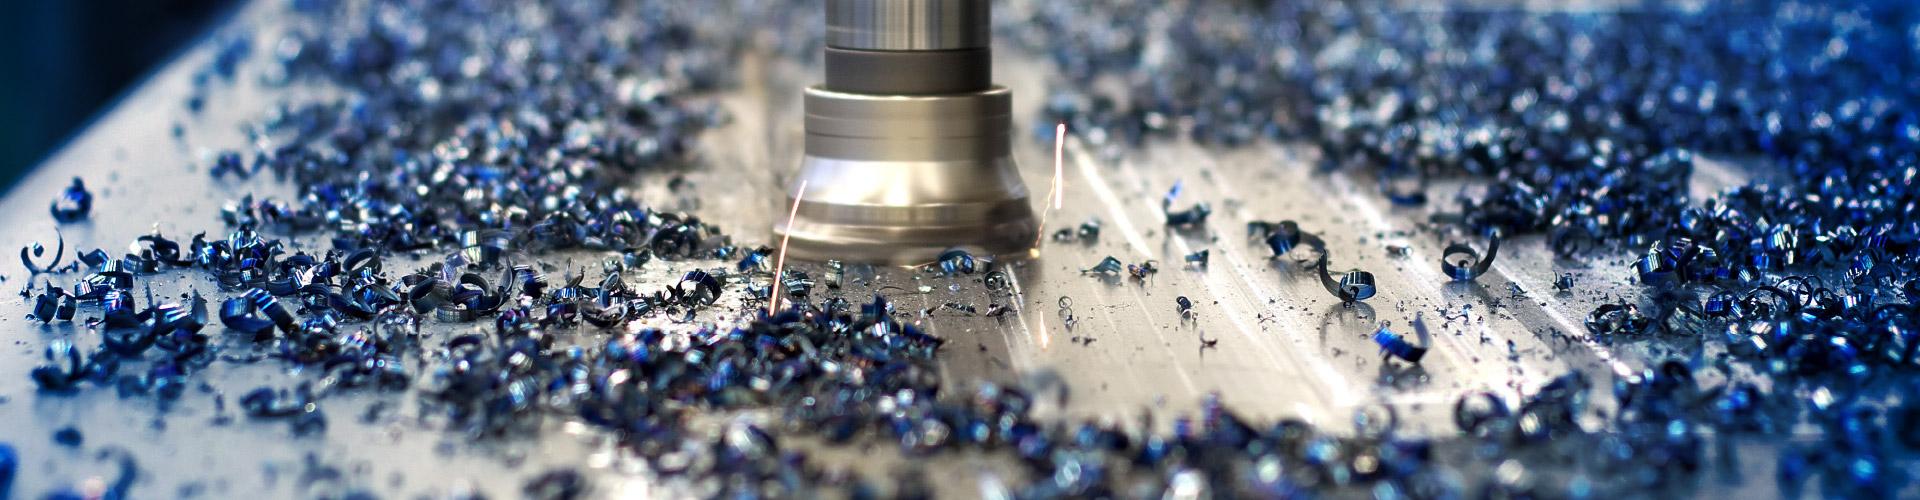 Nahaufnahme von Metallspänen und dem gefertigten Produkt